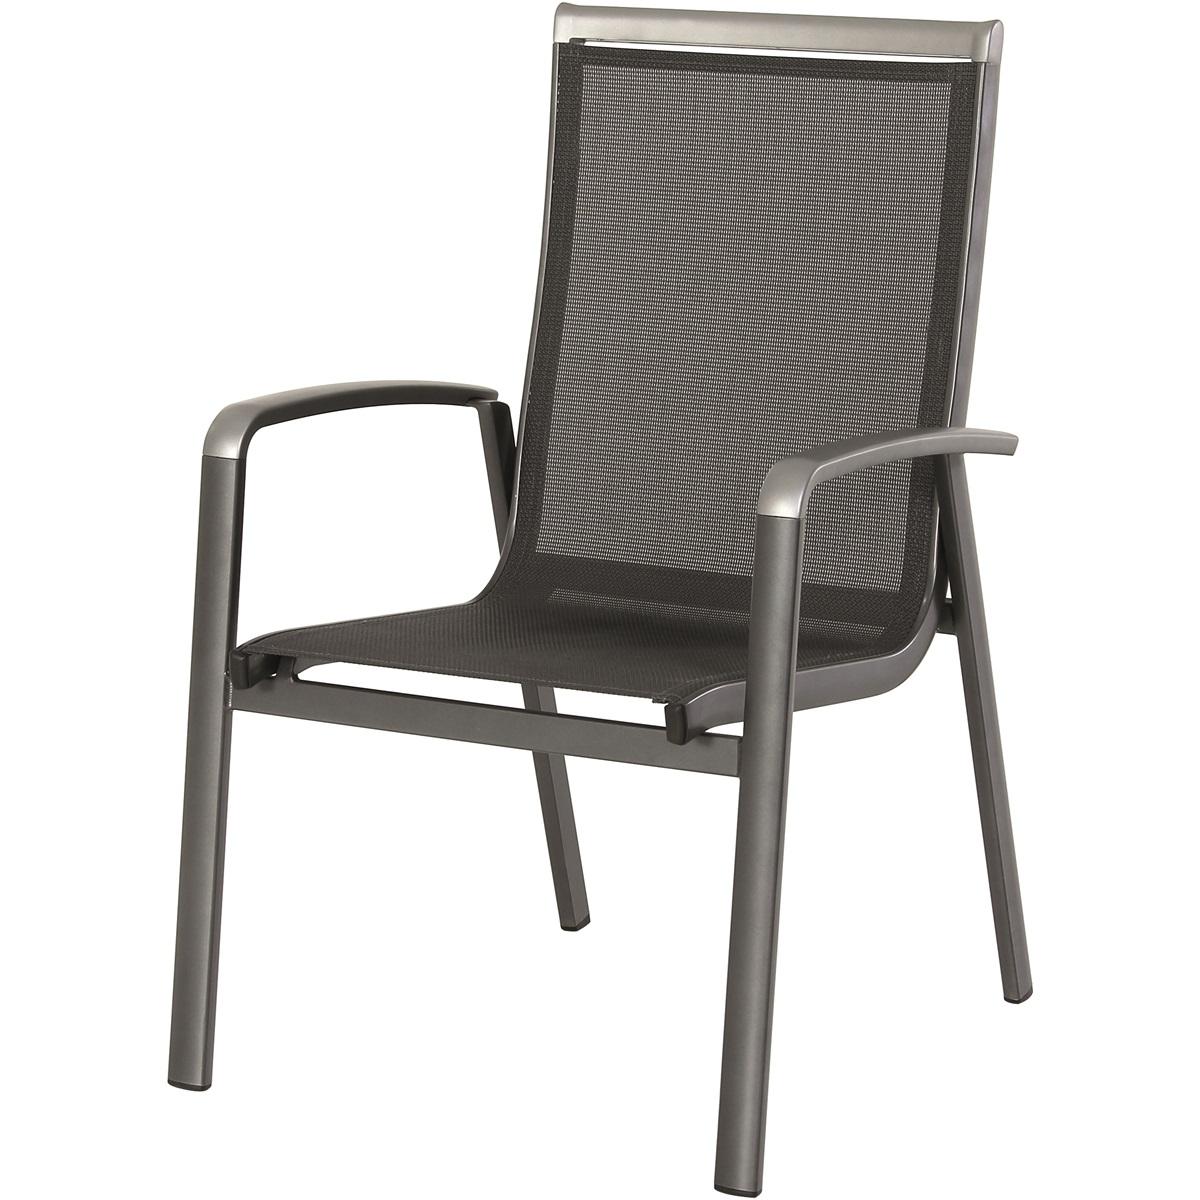 hliníková stohovatelná židle 69 x 63,5 x 99,5 cm MWH Forios